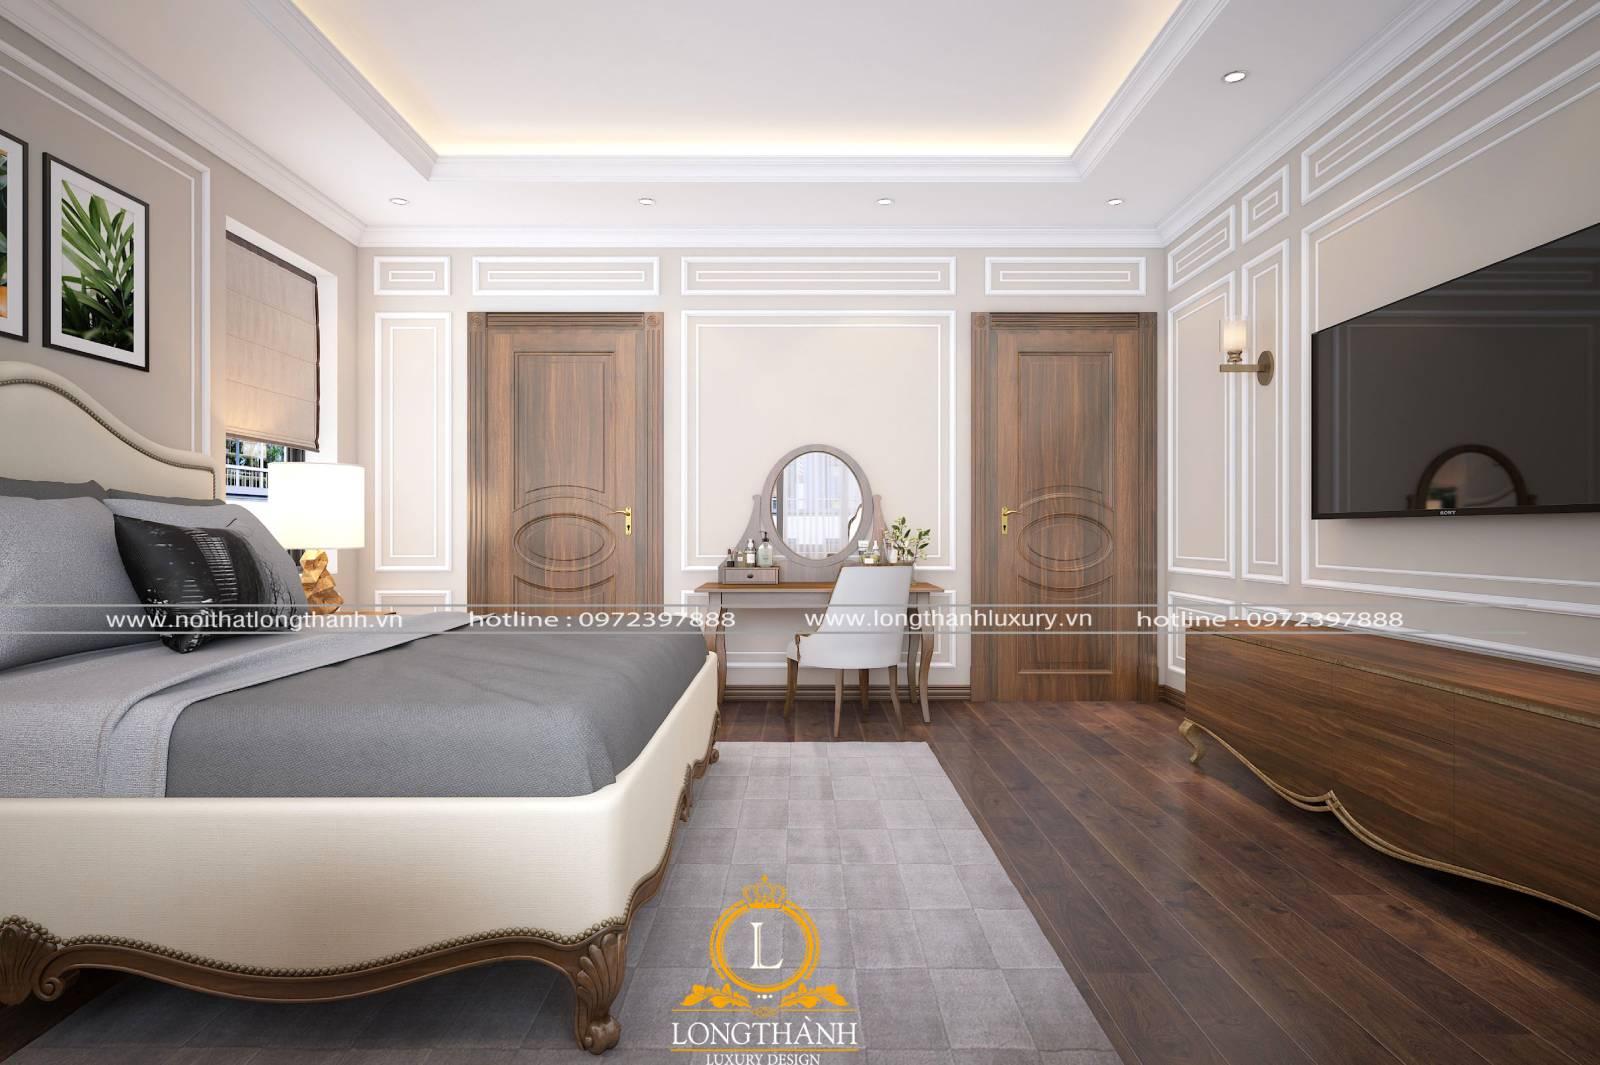 Cửa phòng ngủ tân cổ điển đem lại vẻ sang trọng quý phái